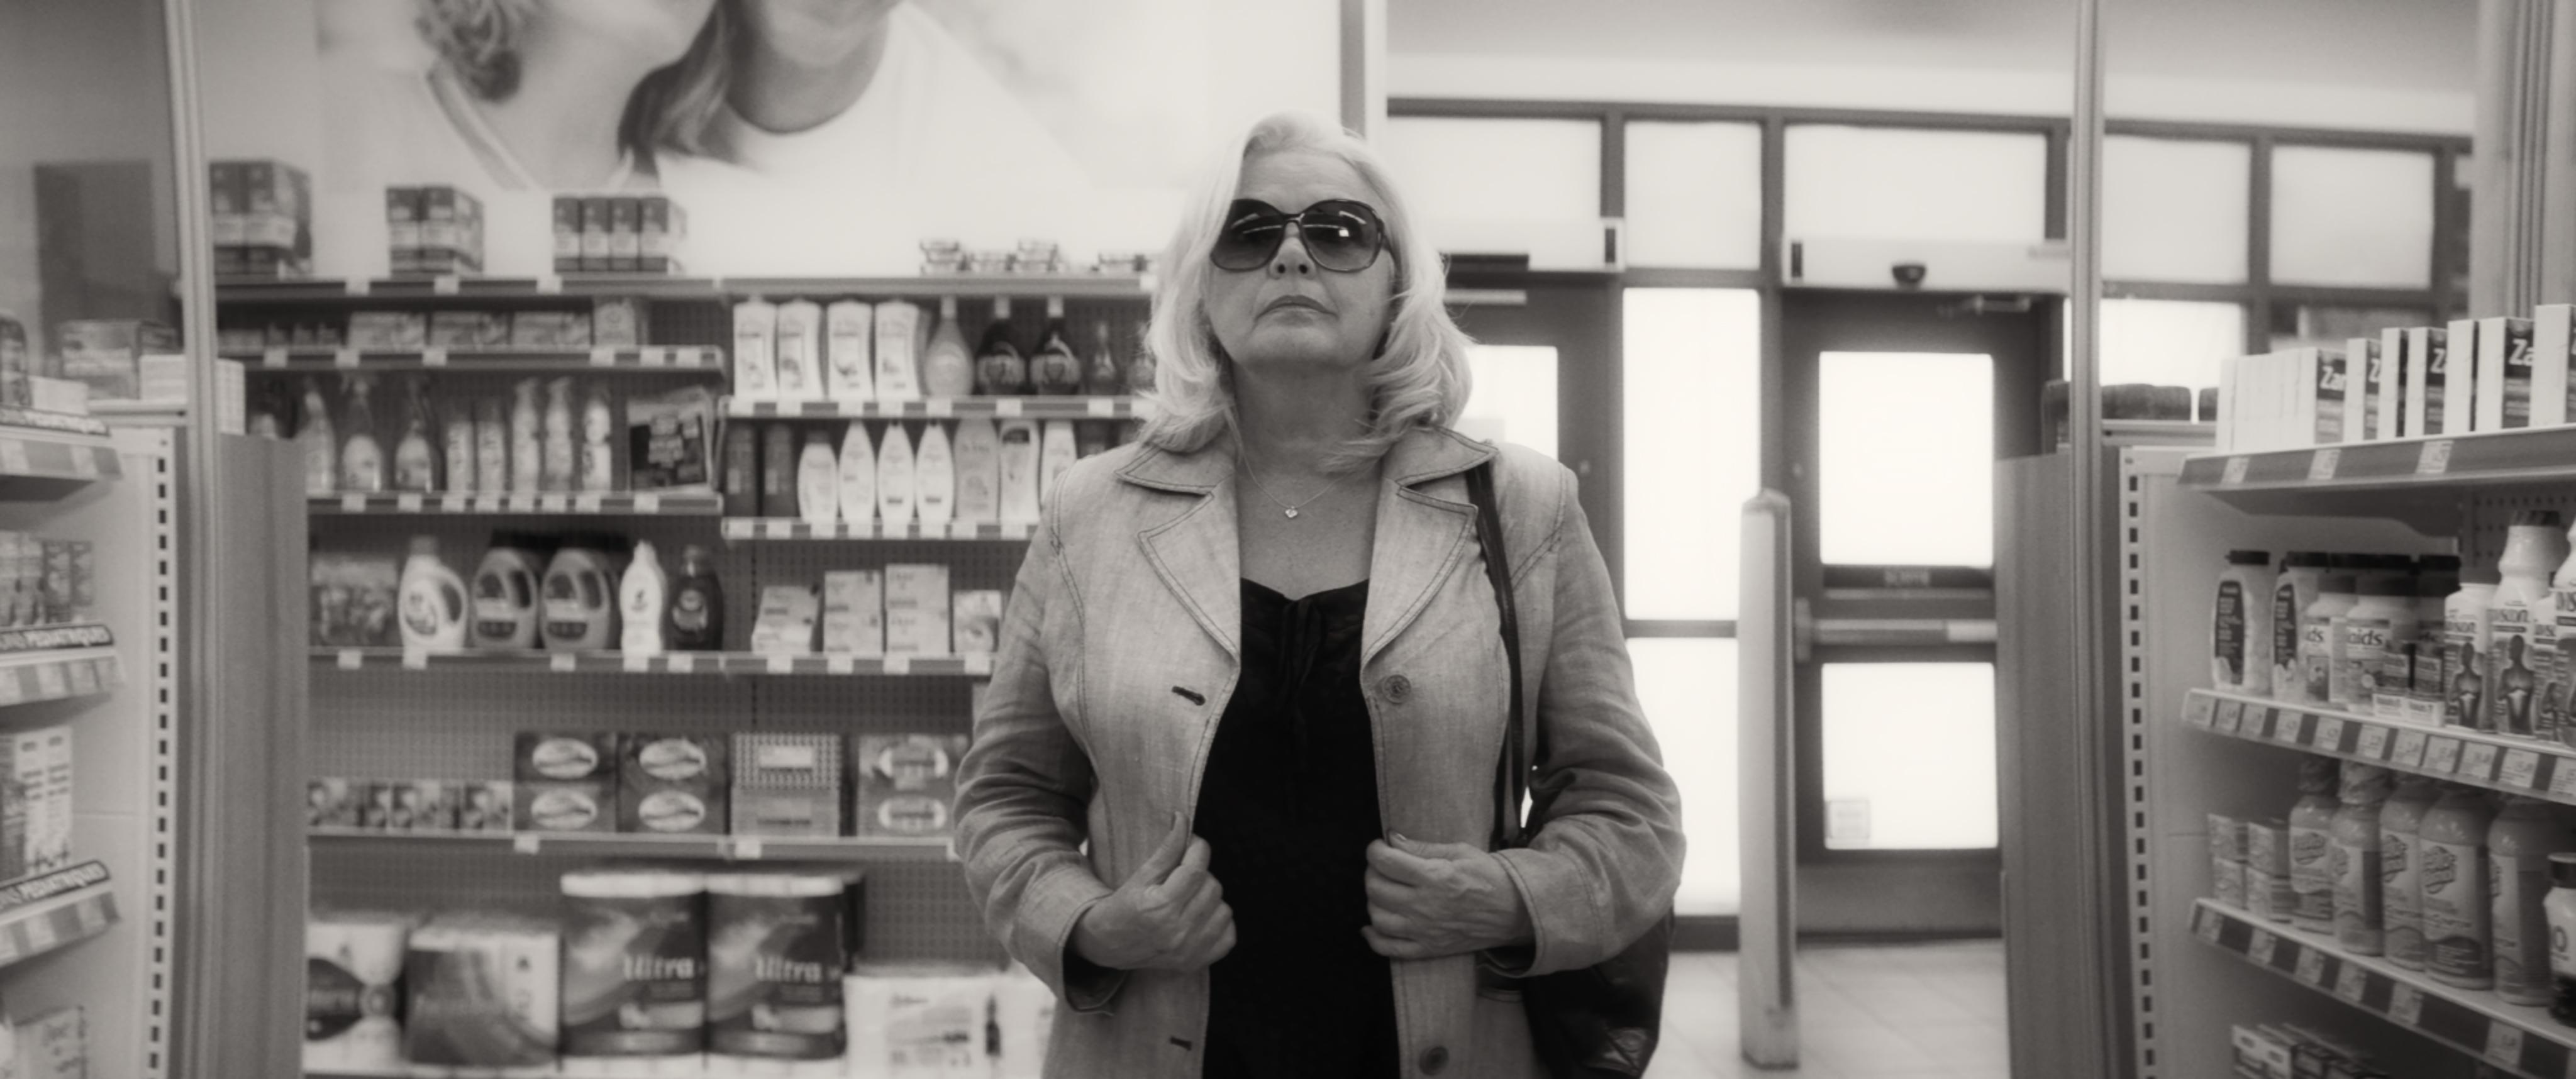 Roseline comme dans les films (2020)